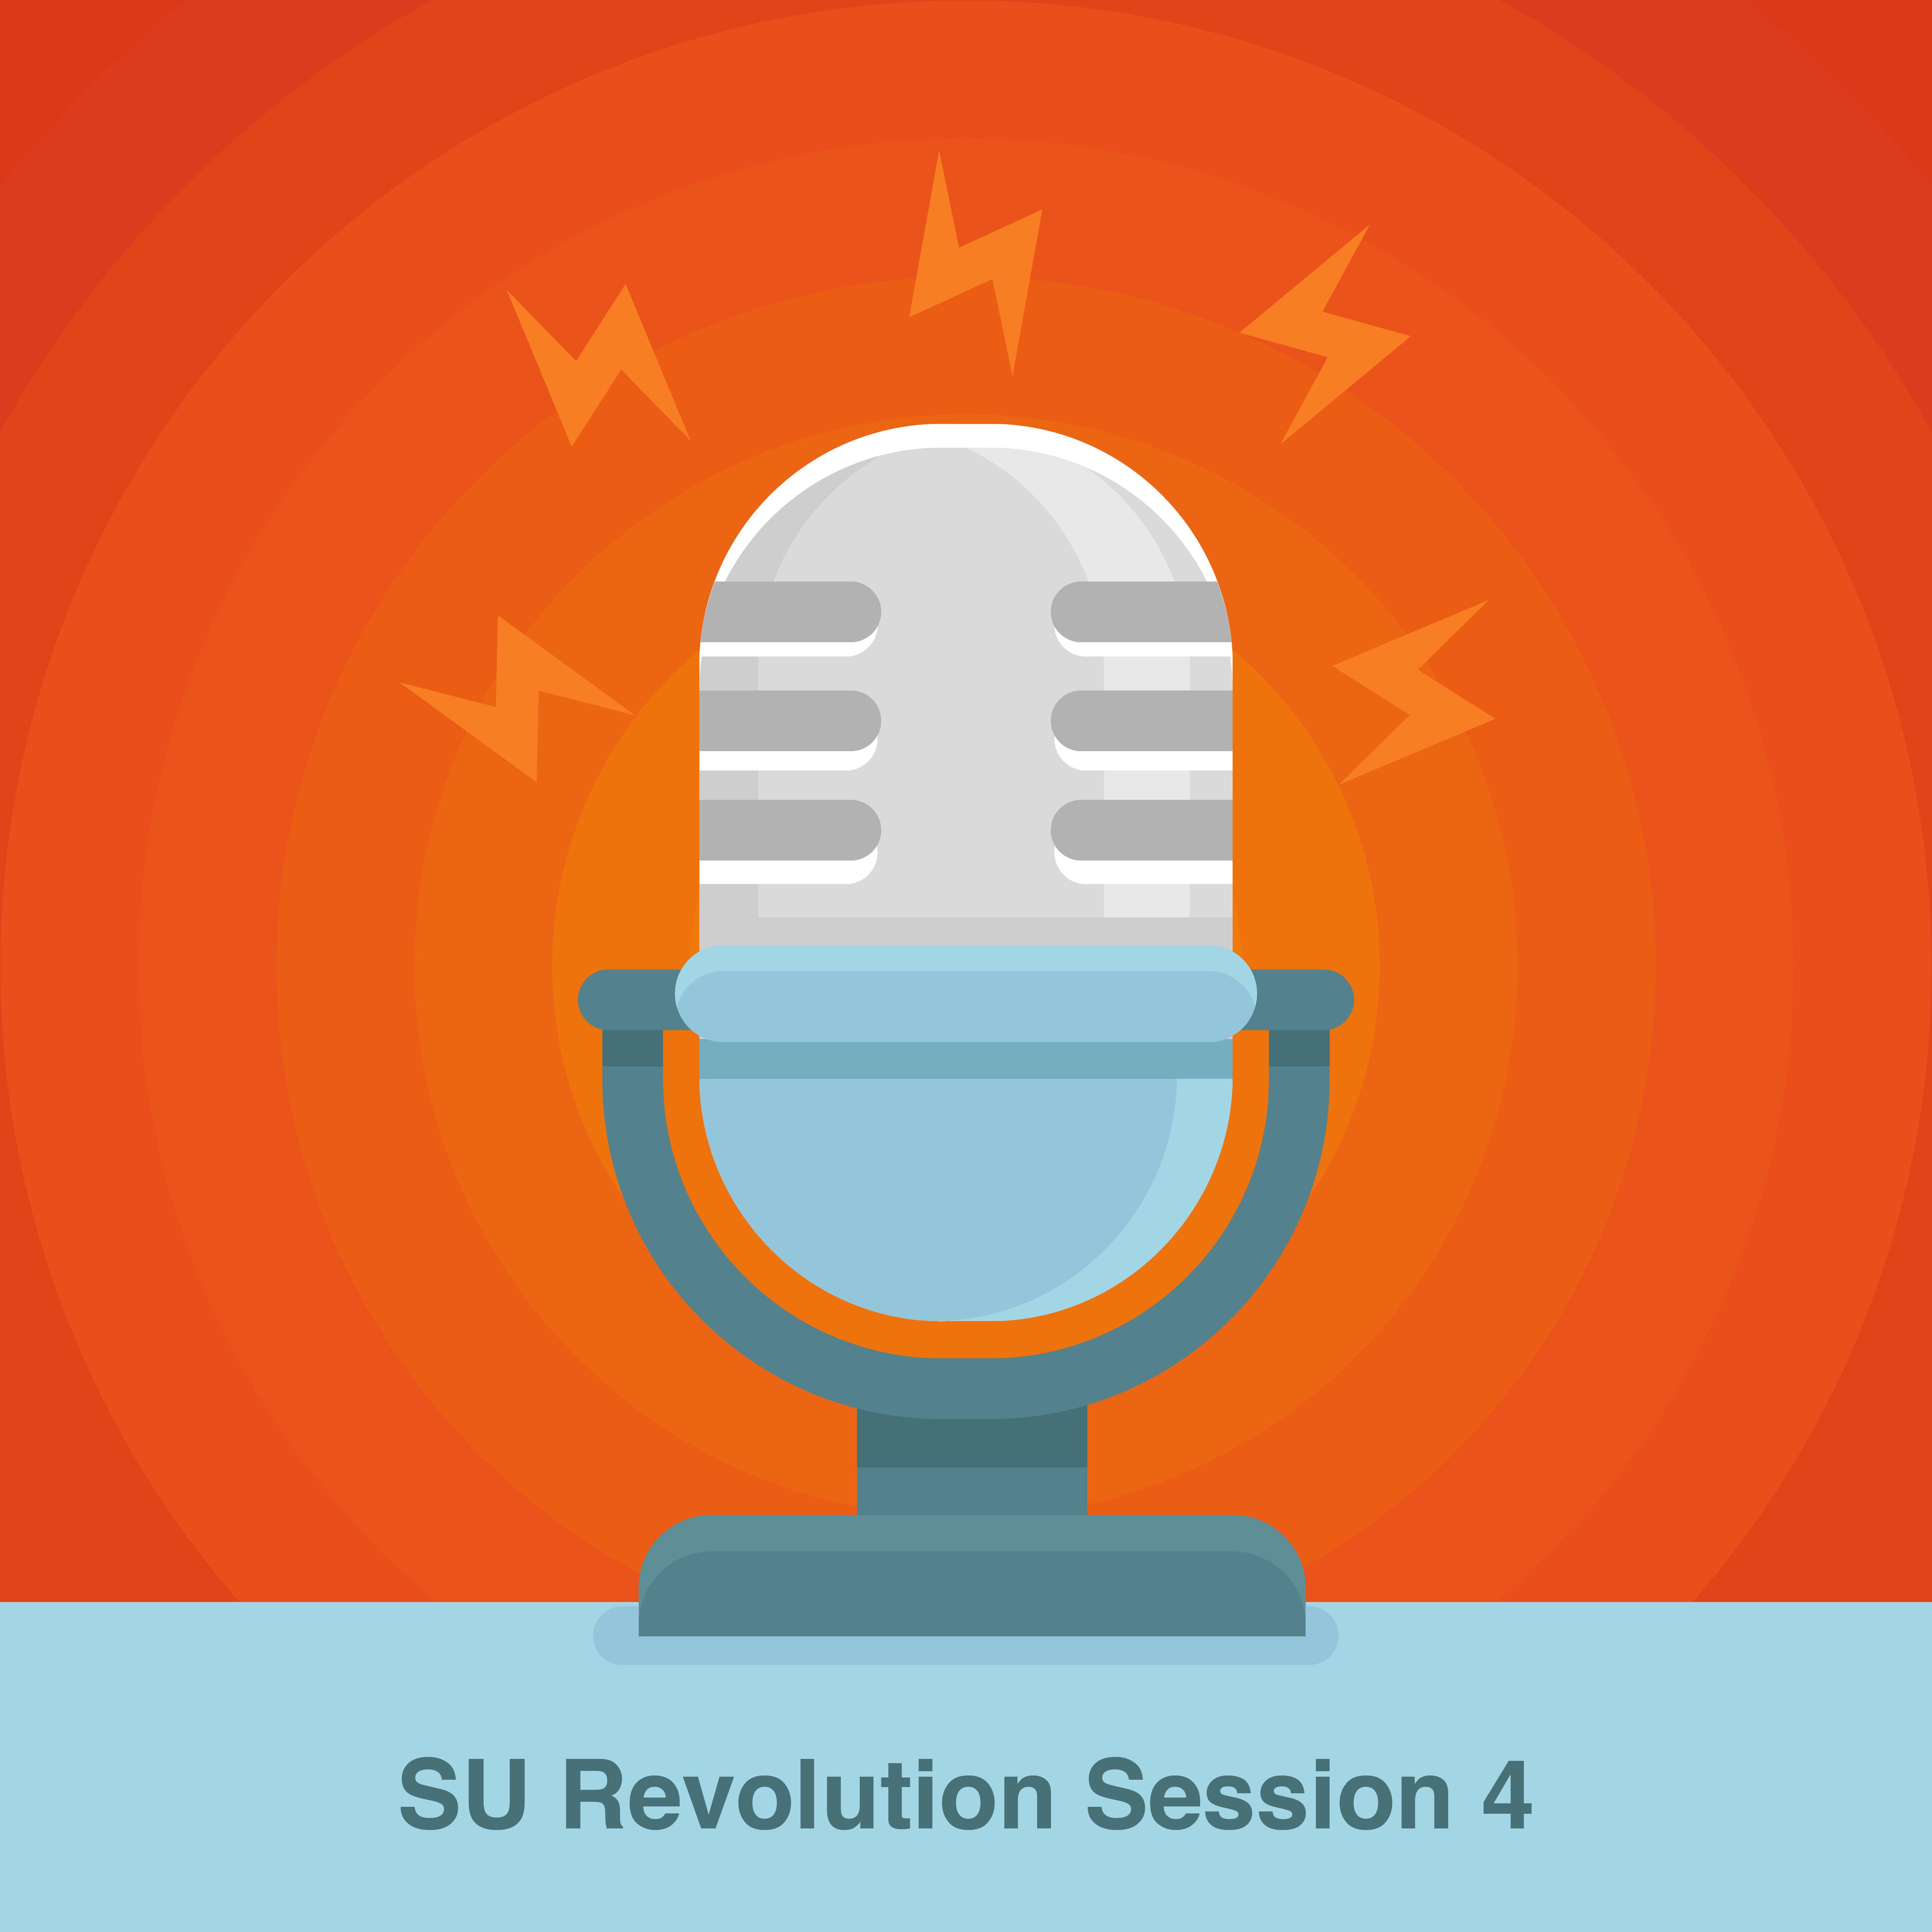 Artwork for SU Revolution Session 4